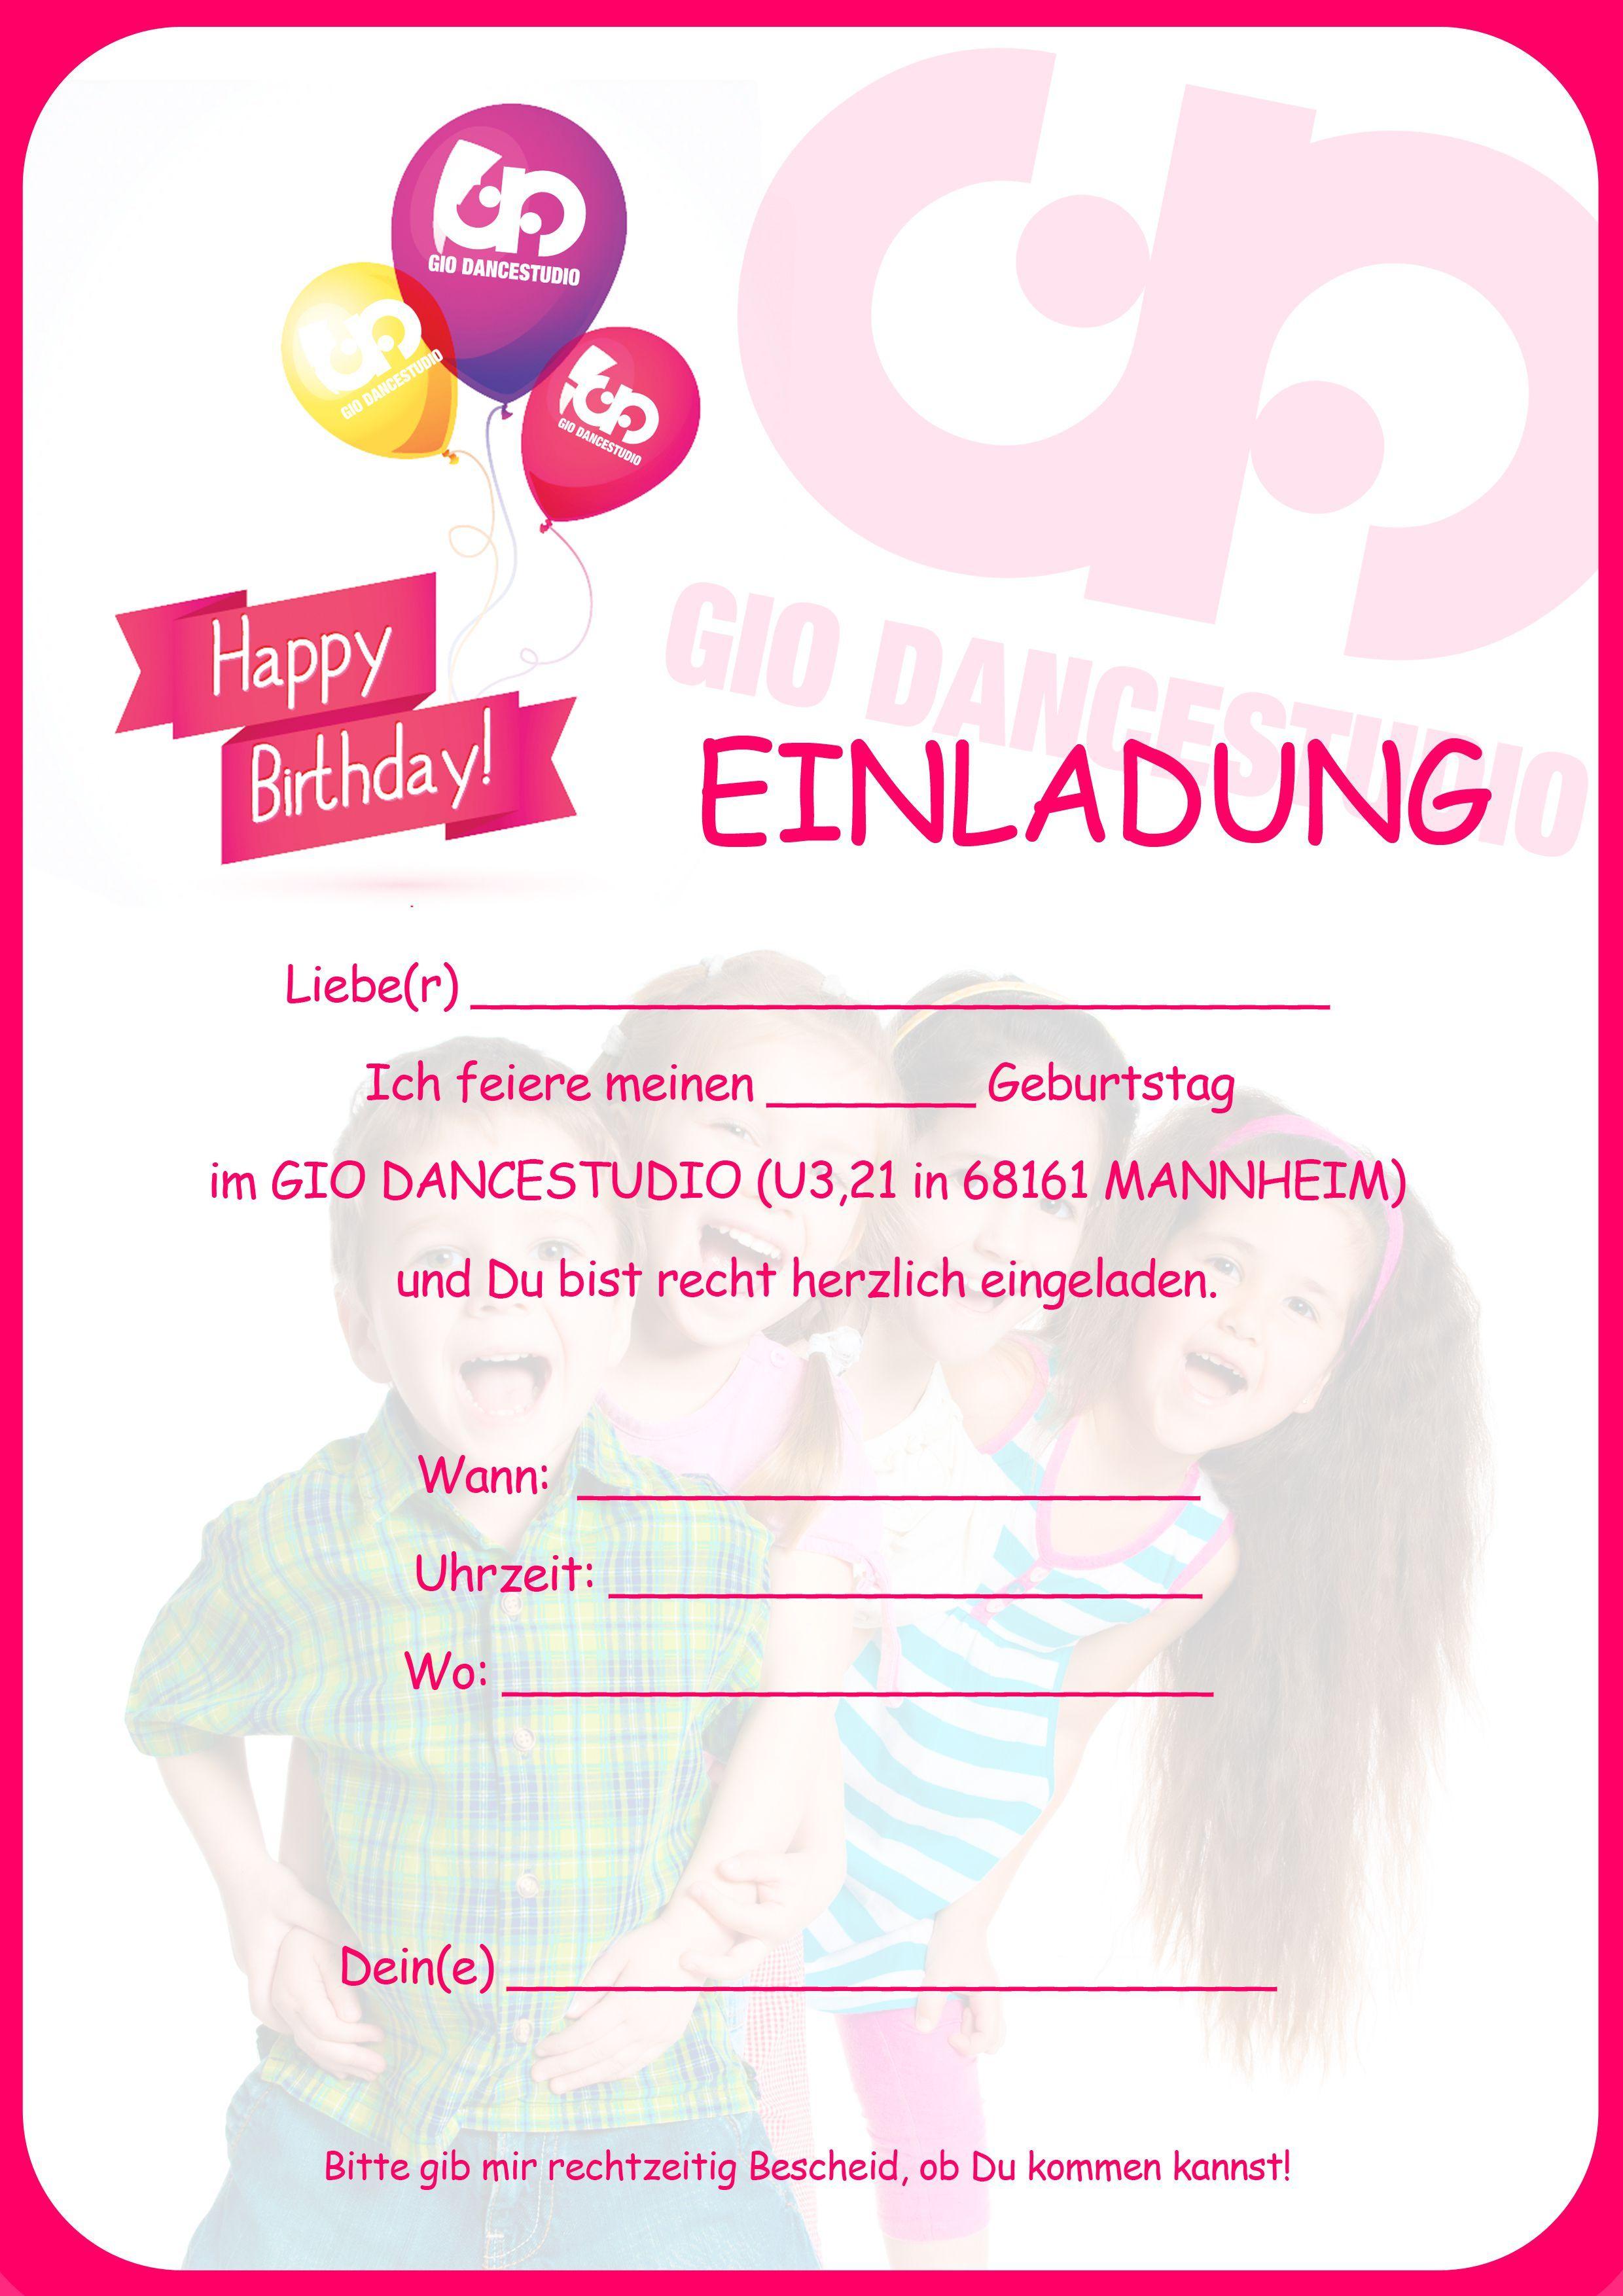 Einladungskarten Fur 5 Geburtstag Gestalten: Einladungskarten Geburtstag Kinder : Einladungskarten